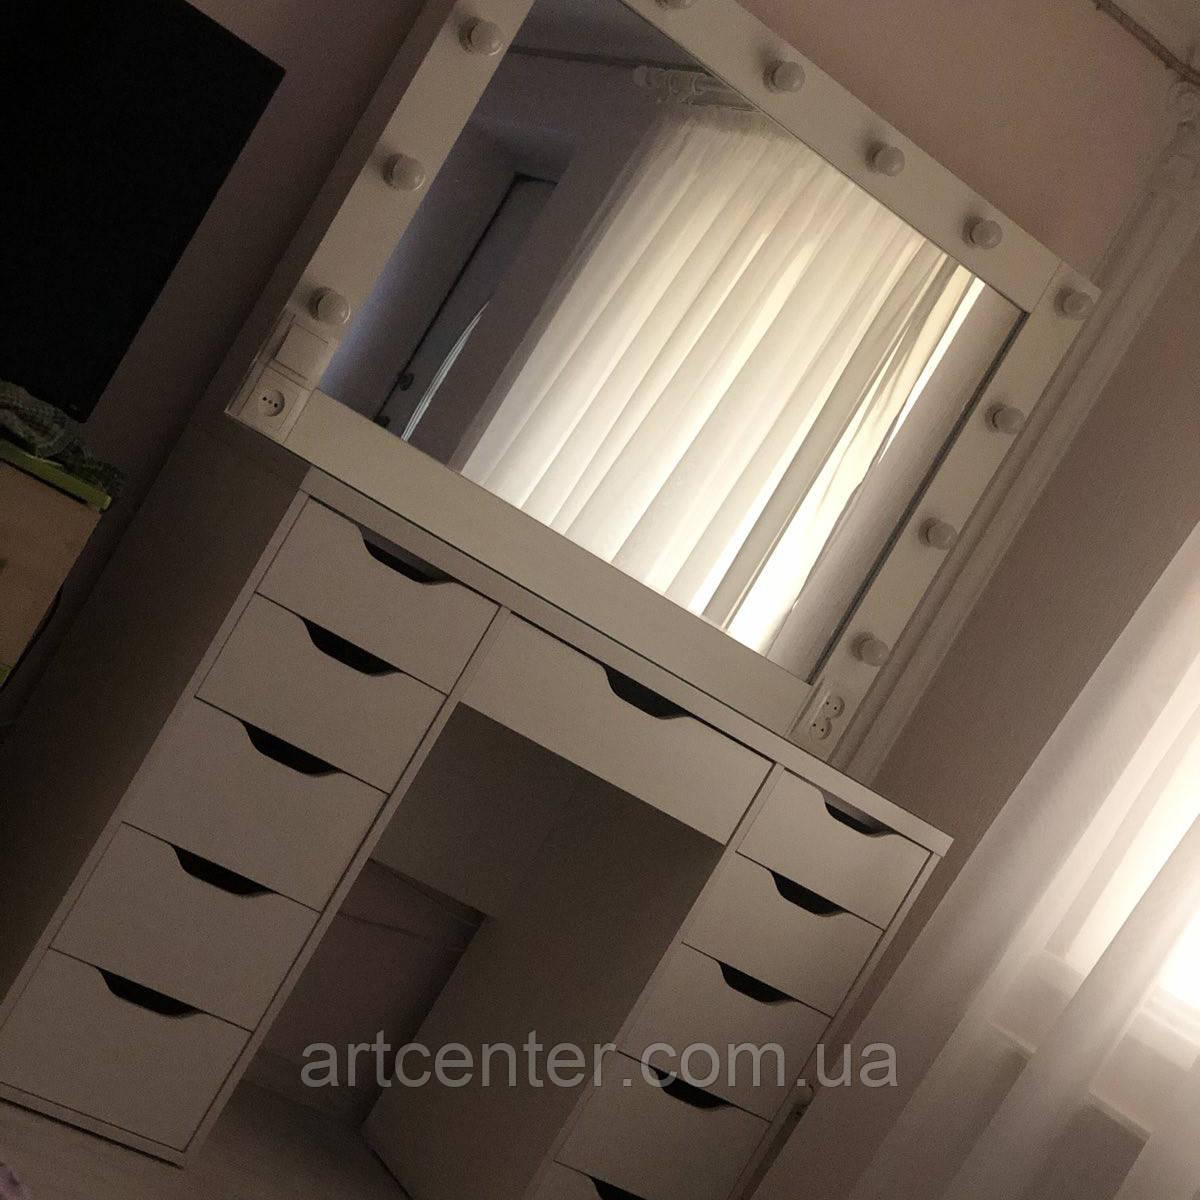 Стіл для макіяжу з дзеркалом і висувними ящиками, дзеркало з підсвічуванням